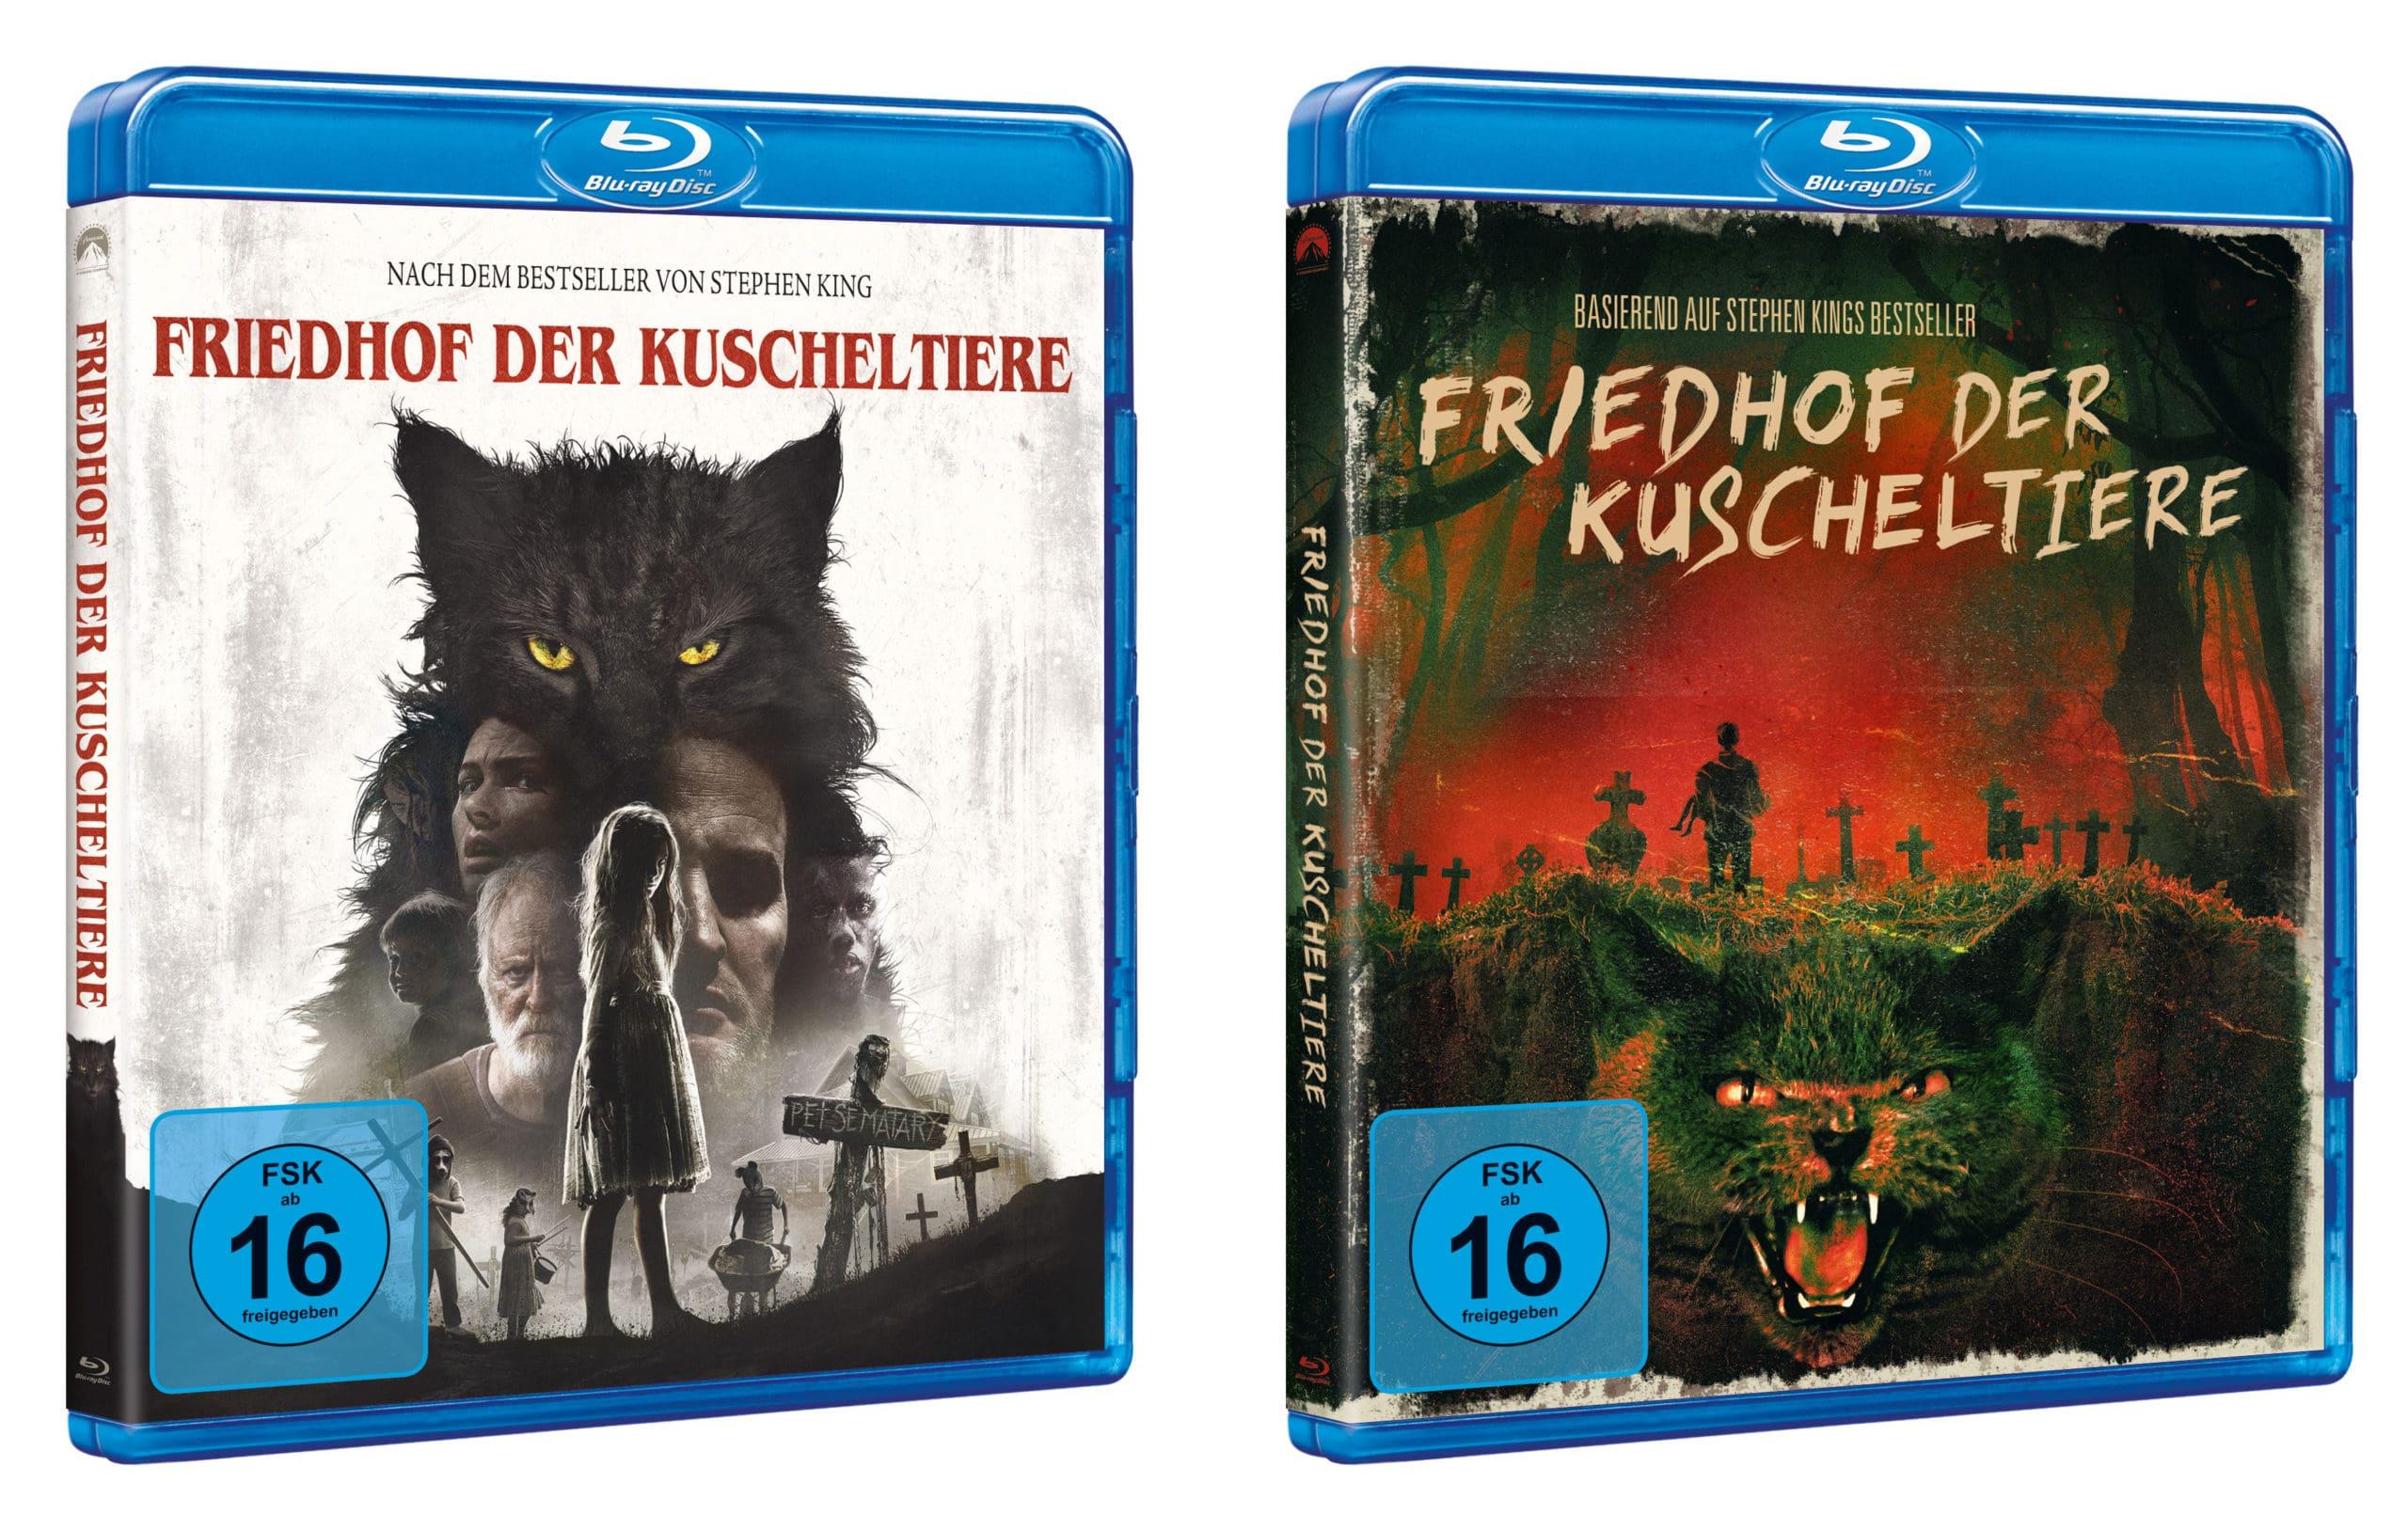 Gewinnspiel: Friedhof der Kuscheltiere (2019)